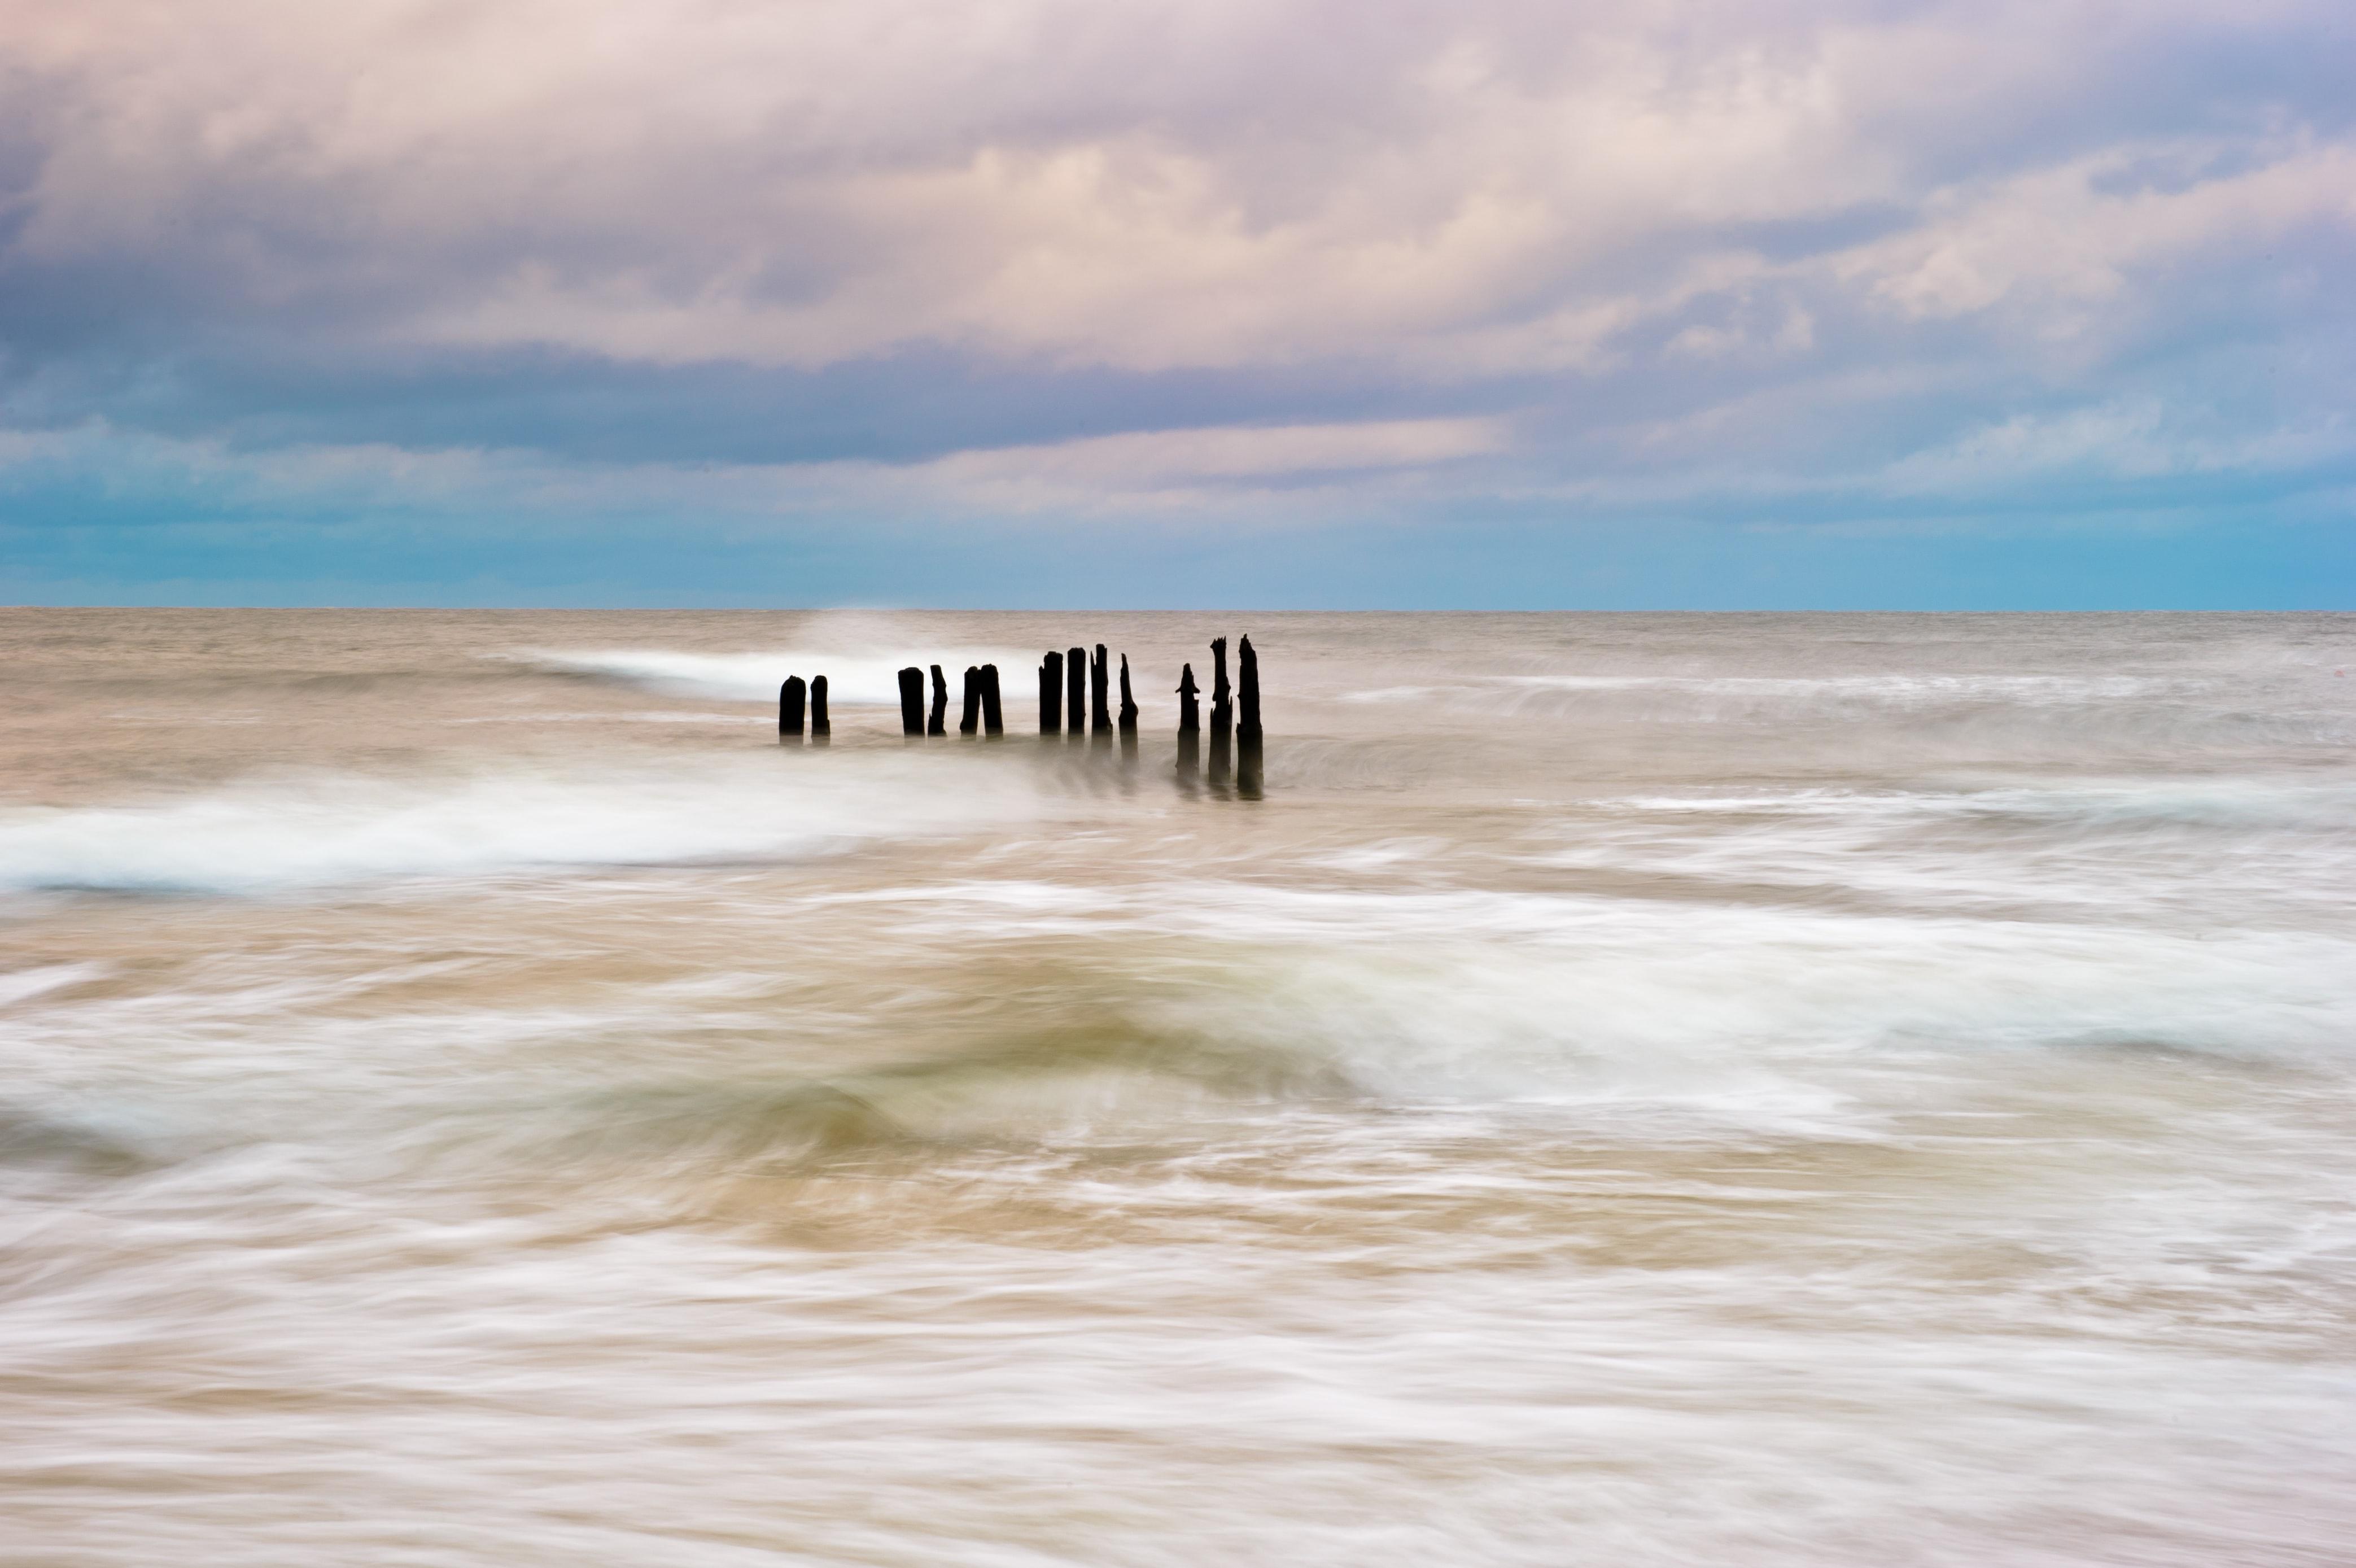 Photo by Jacek Dylag on Unsplash